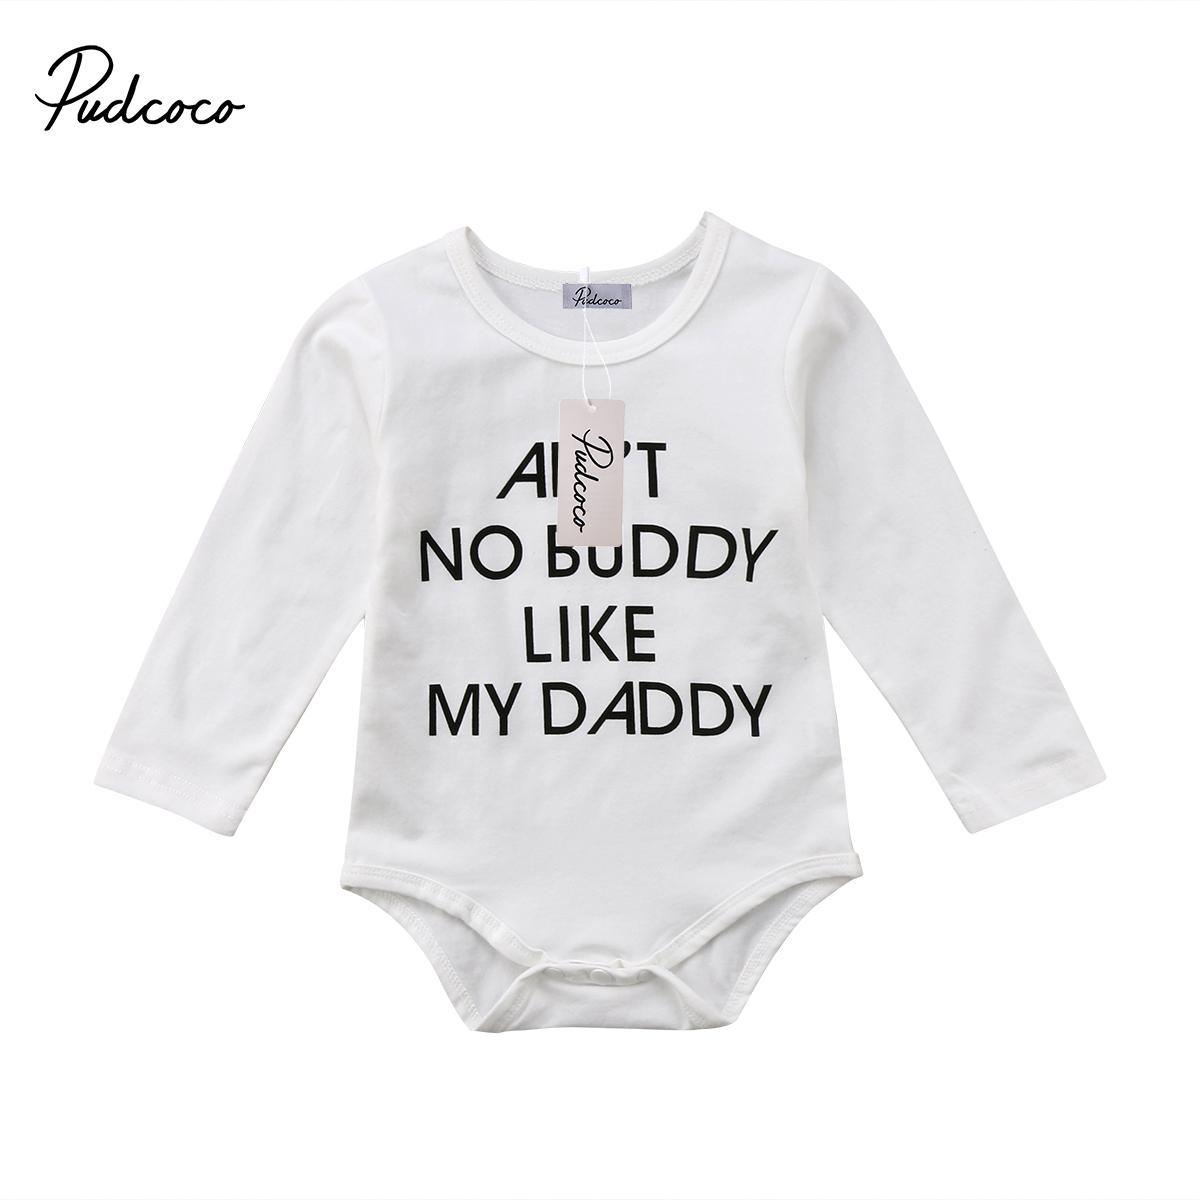 Pudcoco новорожденных мальчиков одежда хлопок с длинным рукавом O-образным вырезом боди наряды 0-24 месяцев Helen115